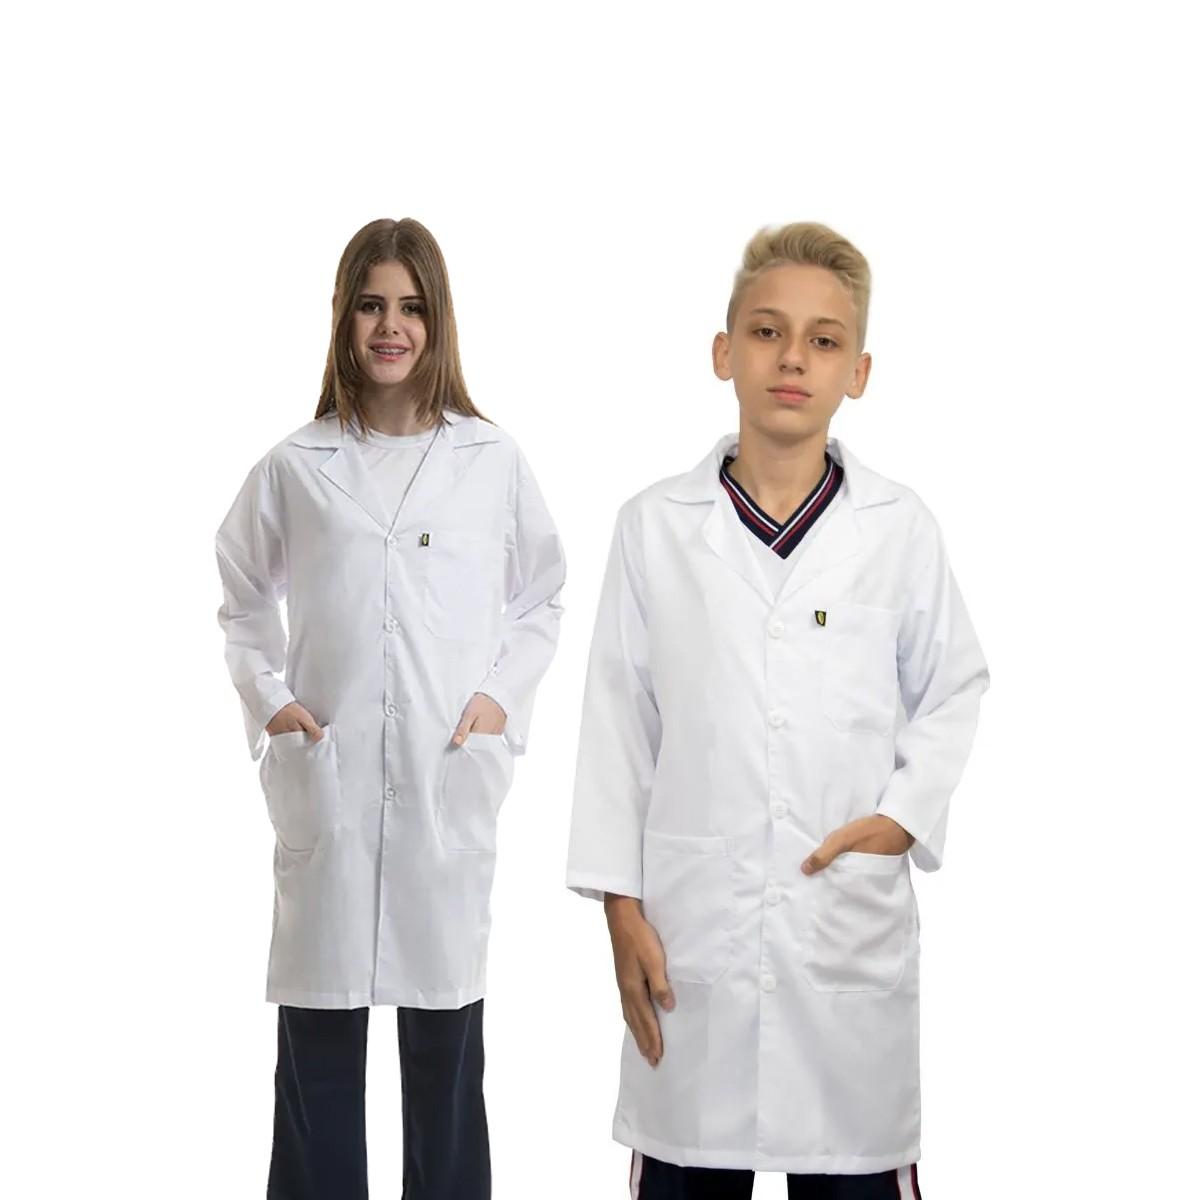 Jaleco infantil estudante laboratório escolar unissex algodão